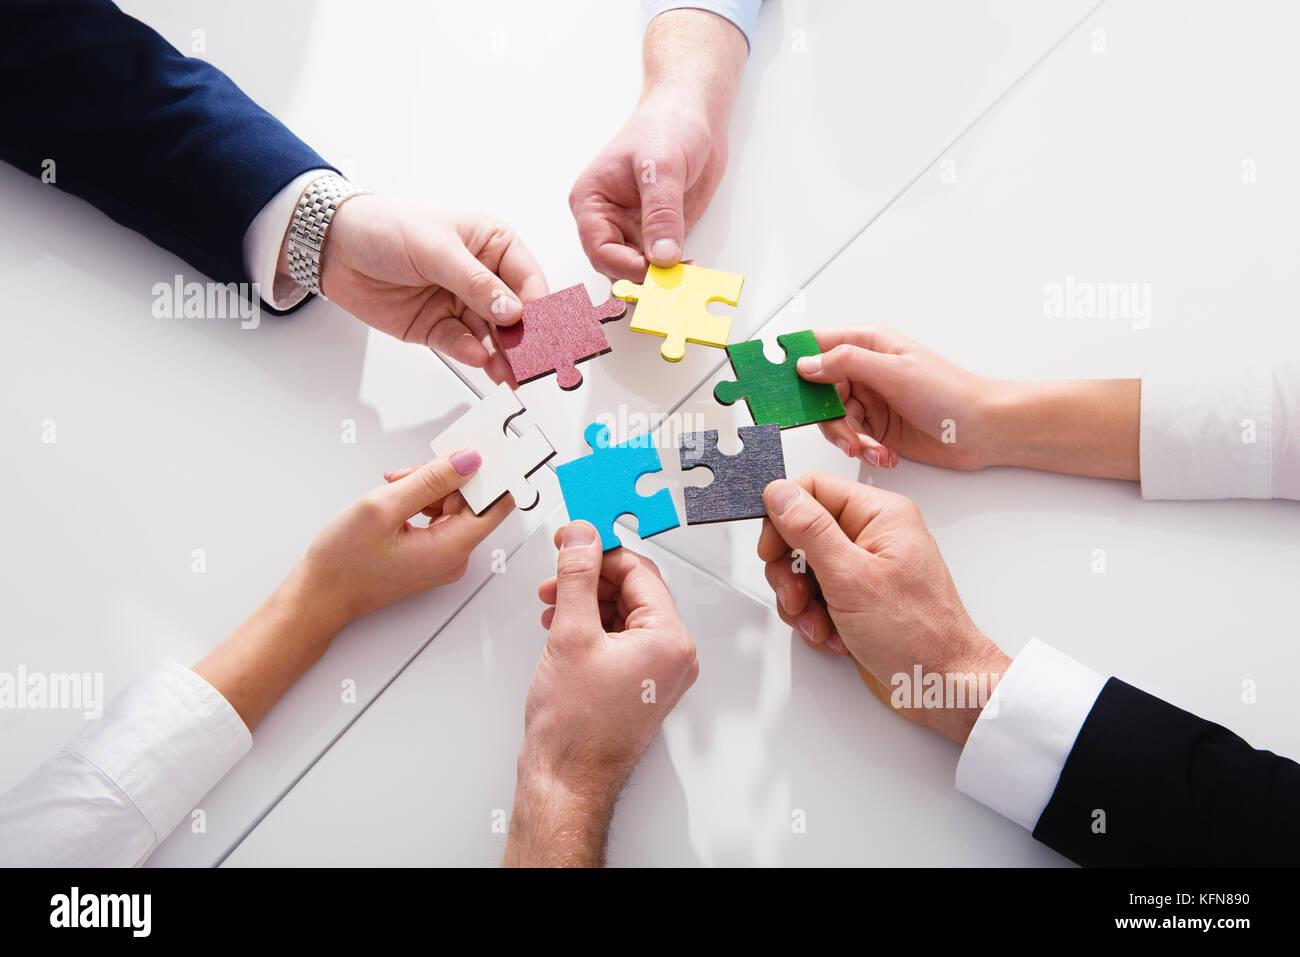 Trabajo en equipo de socios. Concepto de integración y arranque con piezas de rompecabezas Imagen De Stock